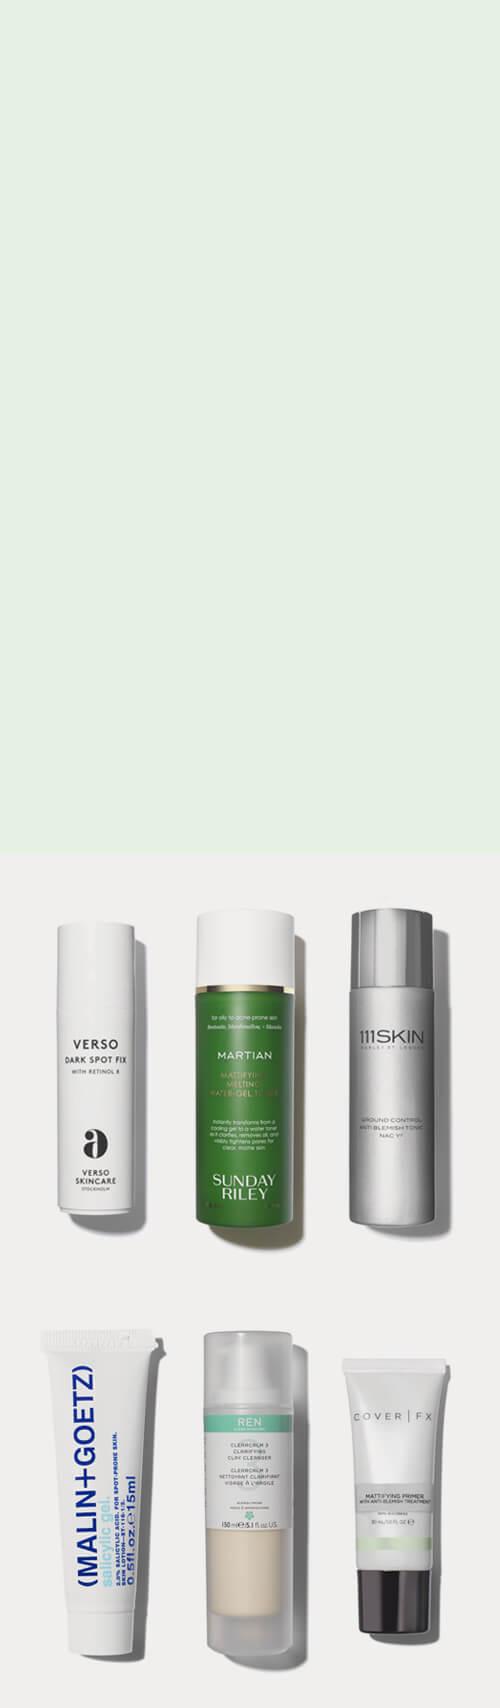 Acne skincare treatment